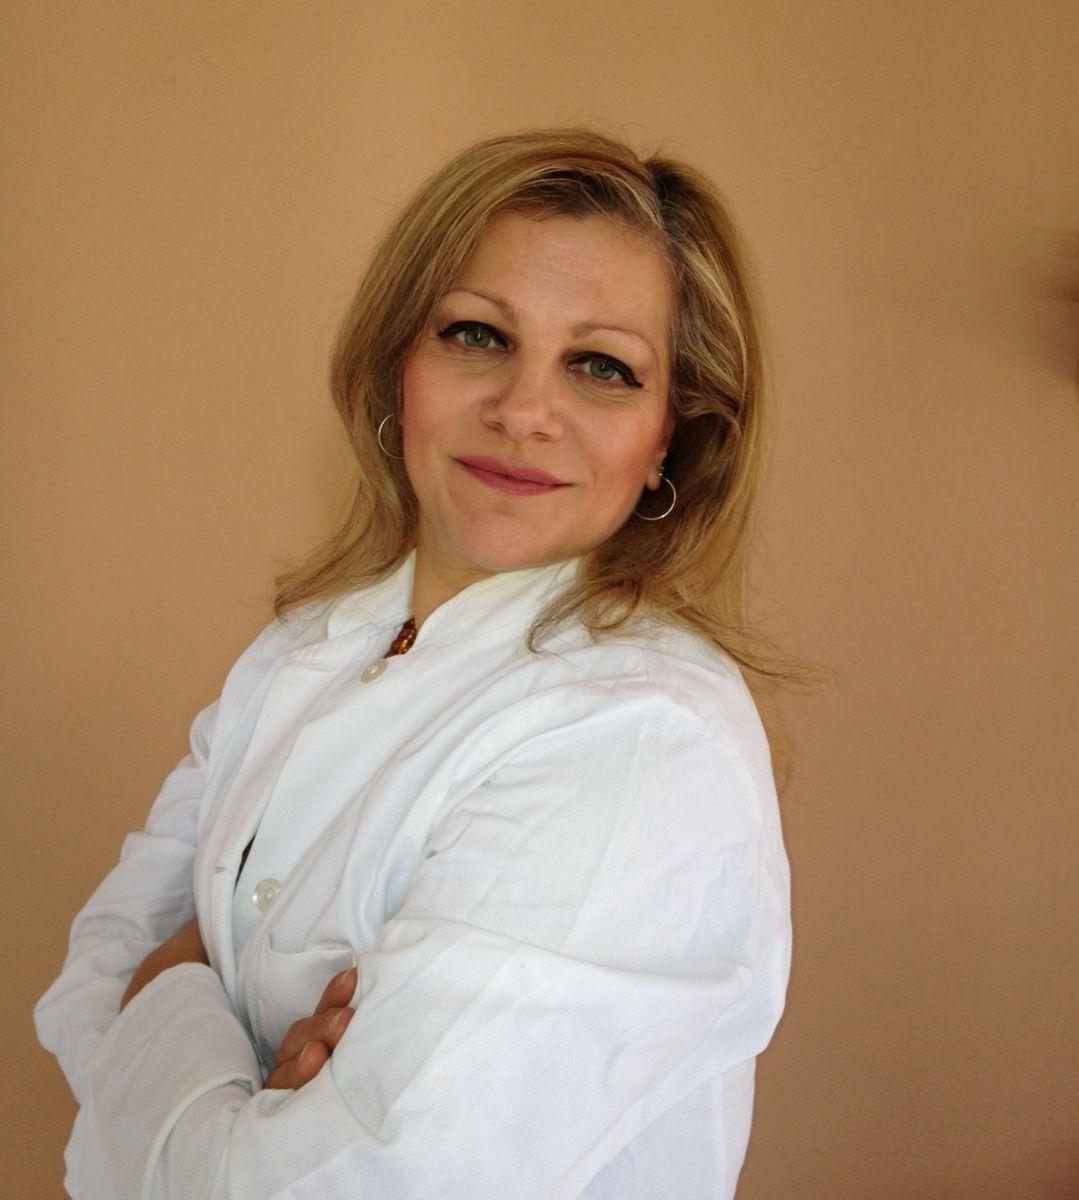 Γυναικολόγος Σταυρούλα Ευθυμιάδη